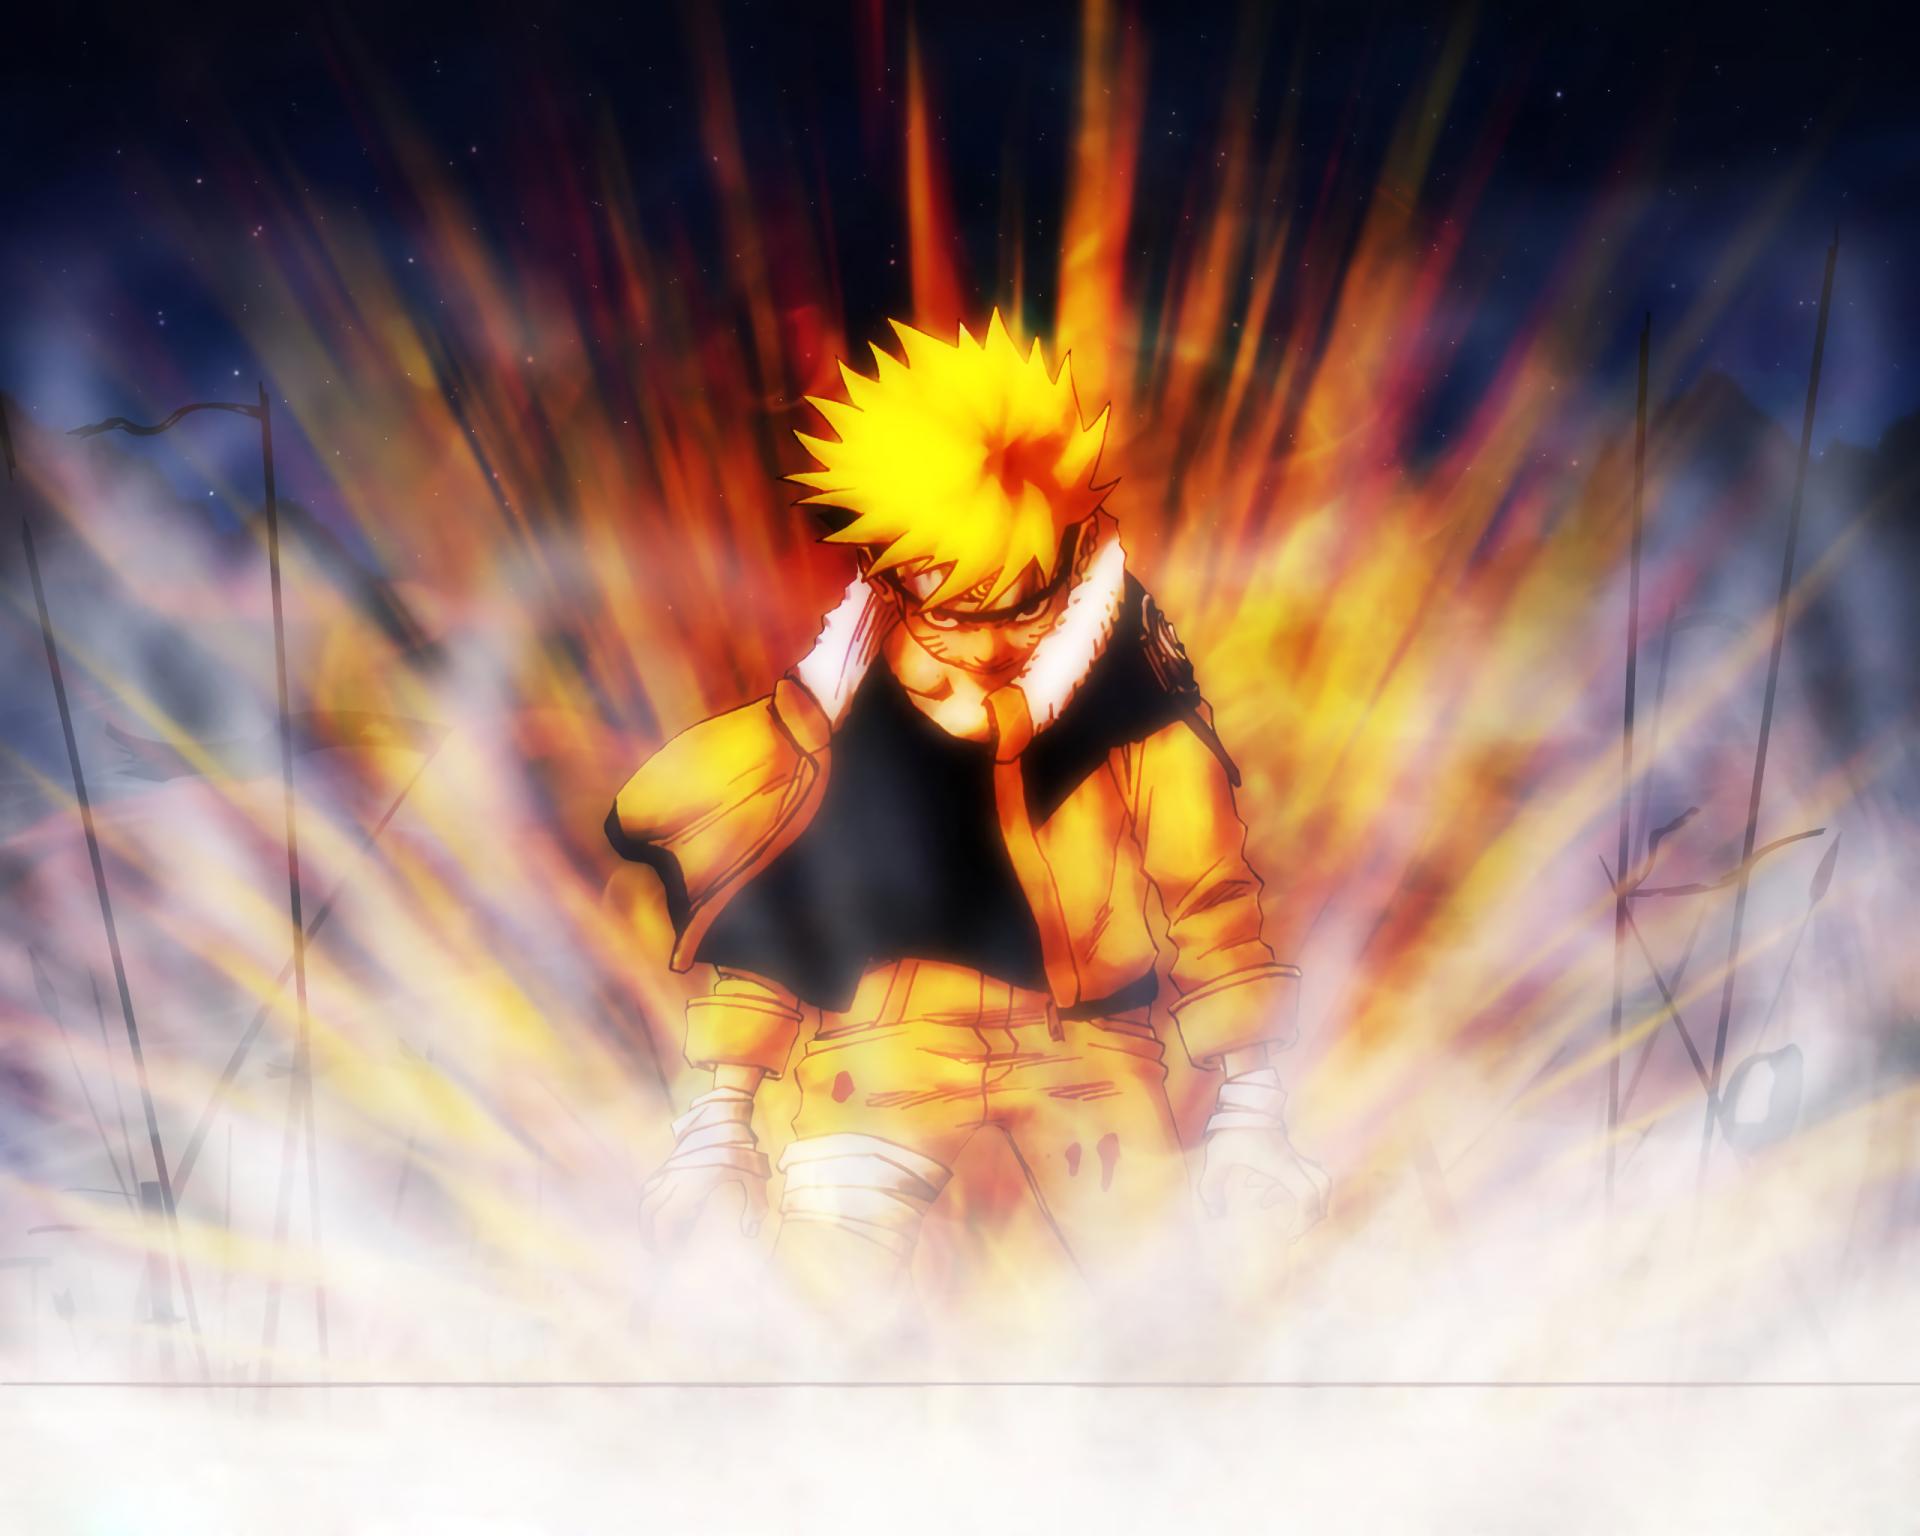 Anime Naruto Naruto Uzumaki Anime Fondo De Pantalla Fotos De Naruto Shippuden Wallpapers Naruto Fondos De Pantalla Hd